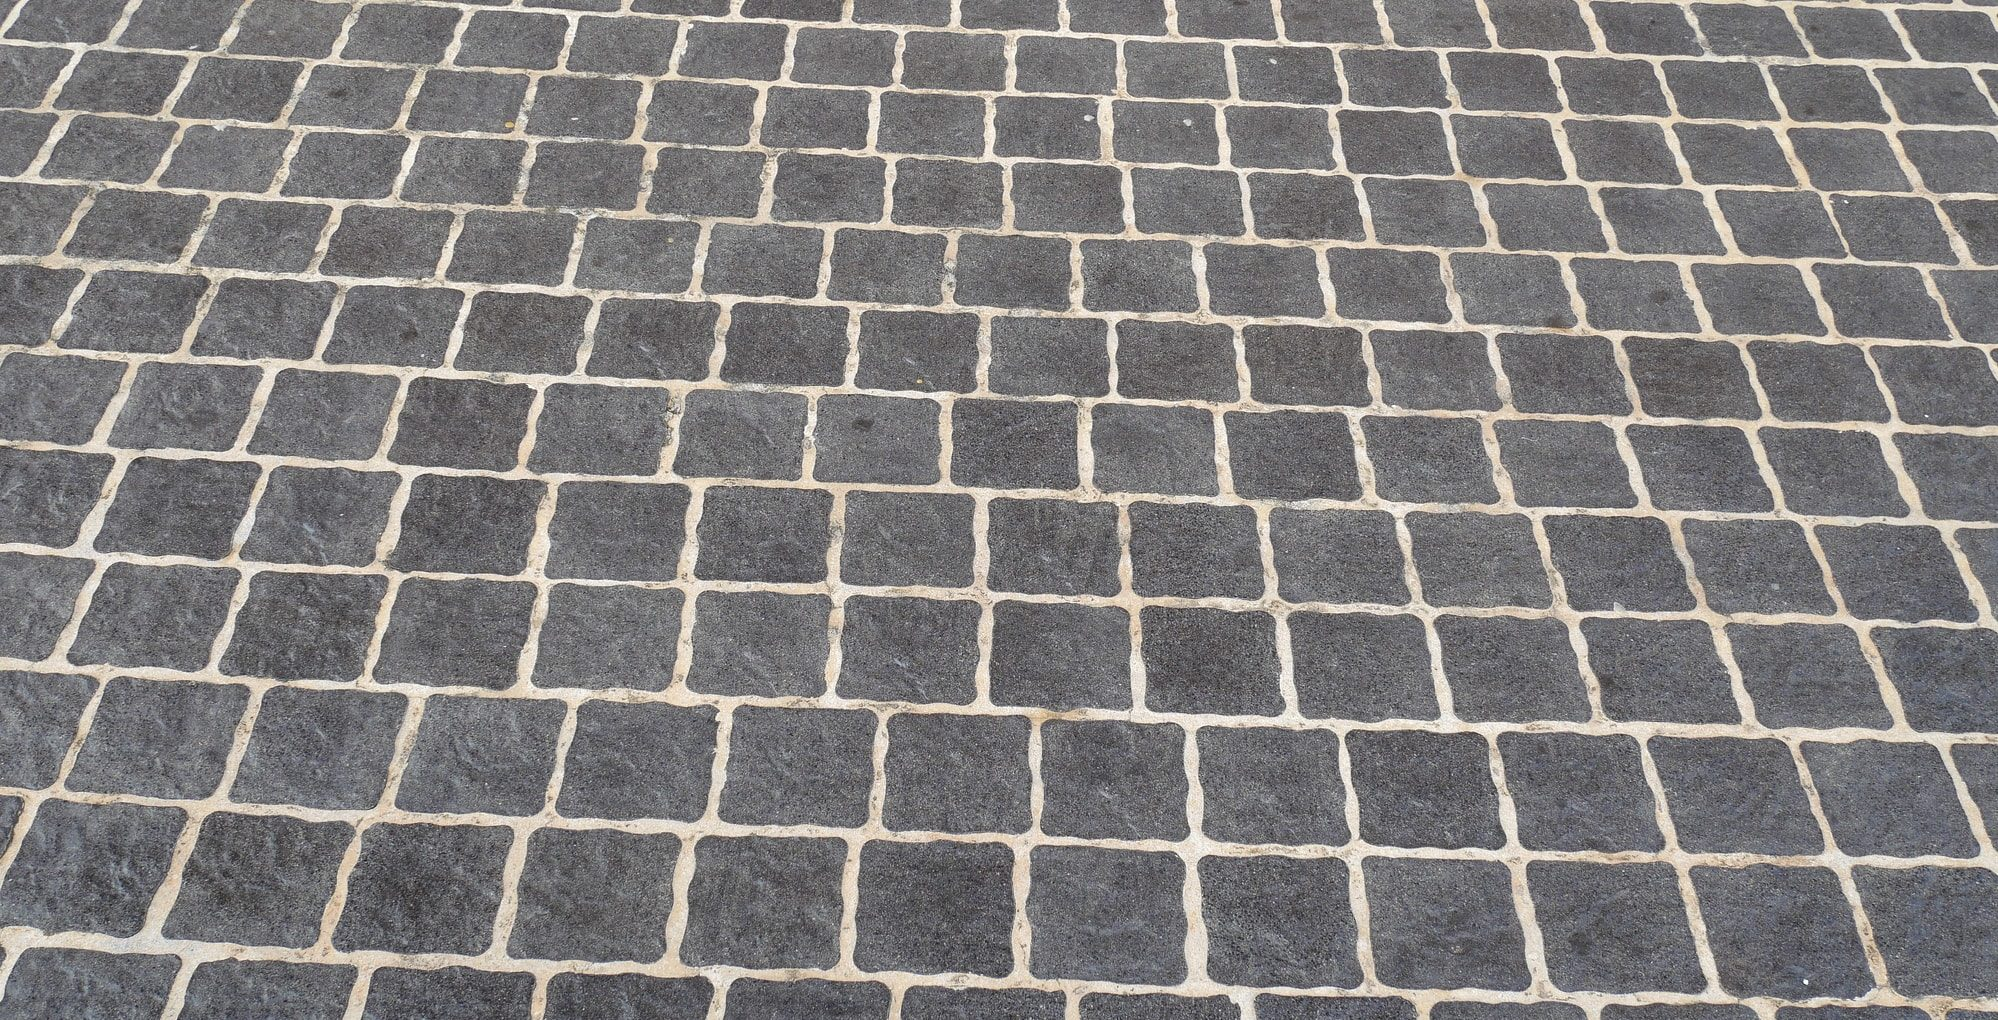 Epaisseur Carreau De Ciment carreaux de ciment : à quel prix ? - nos conseils pratiques